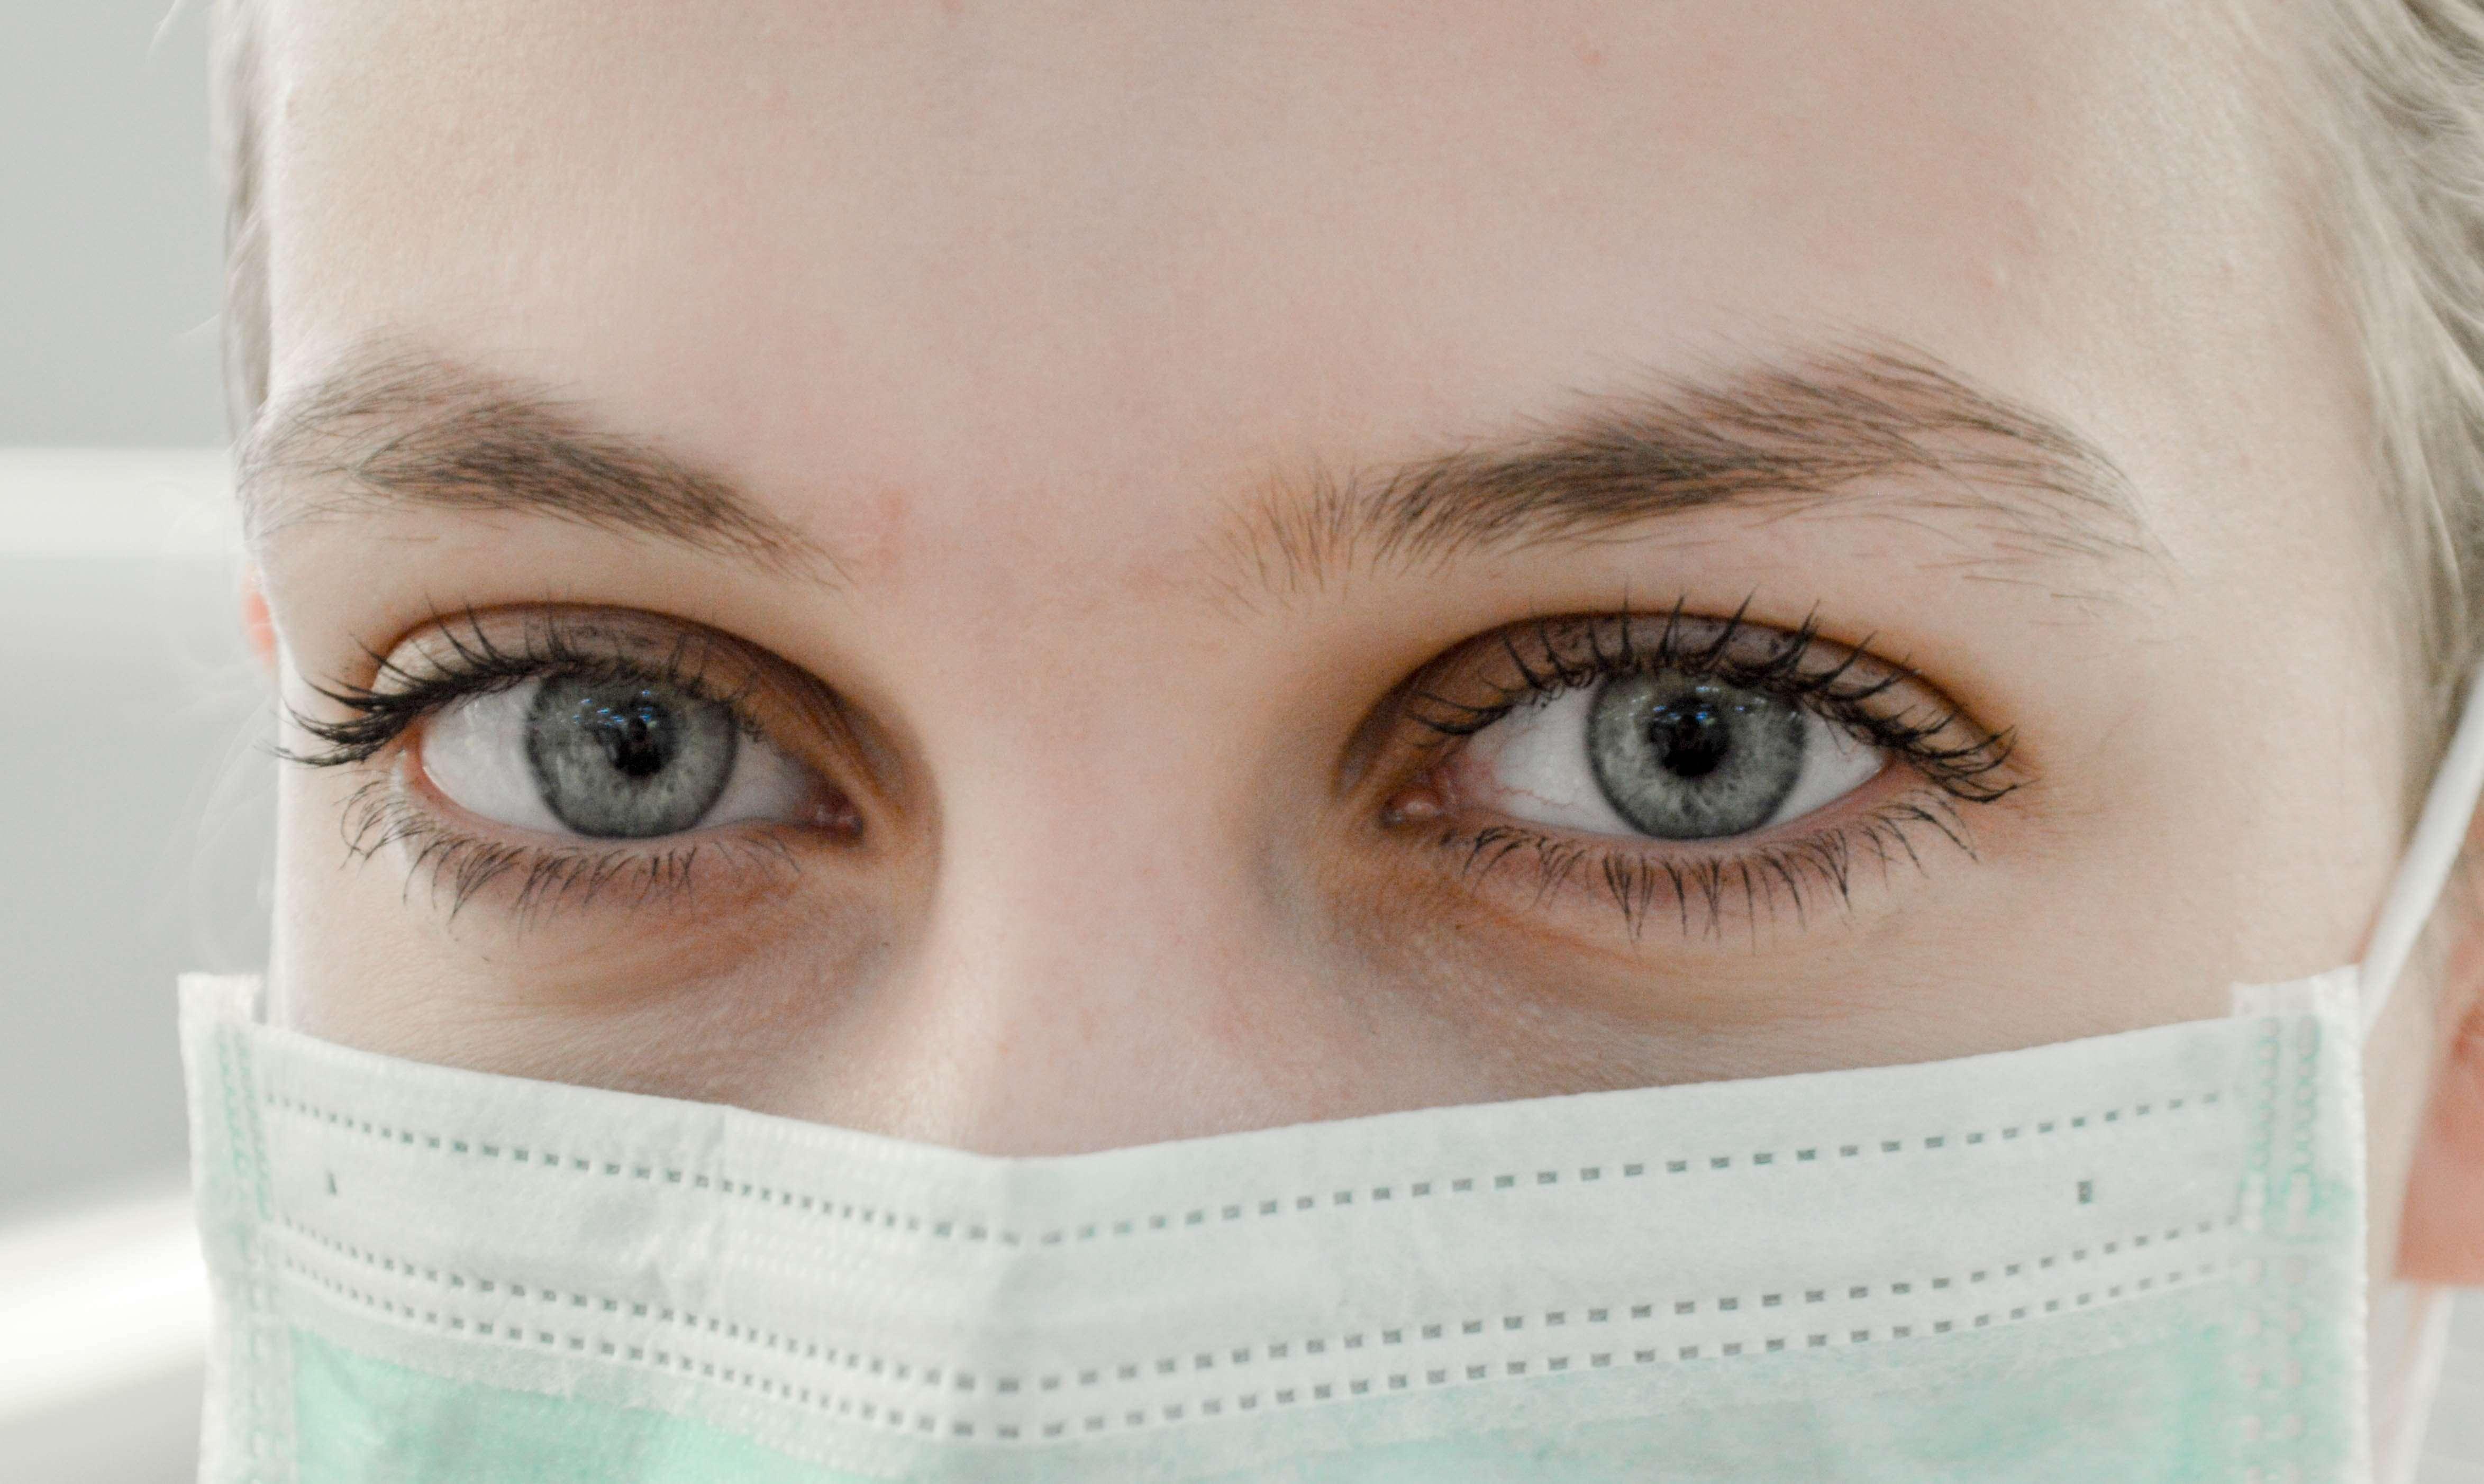 vocabulario médico en inglés y español